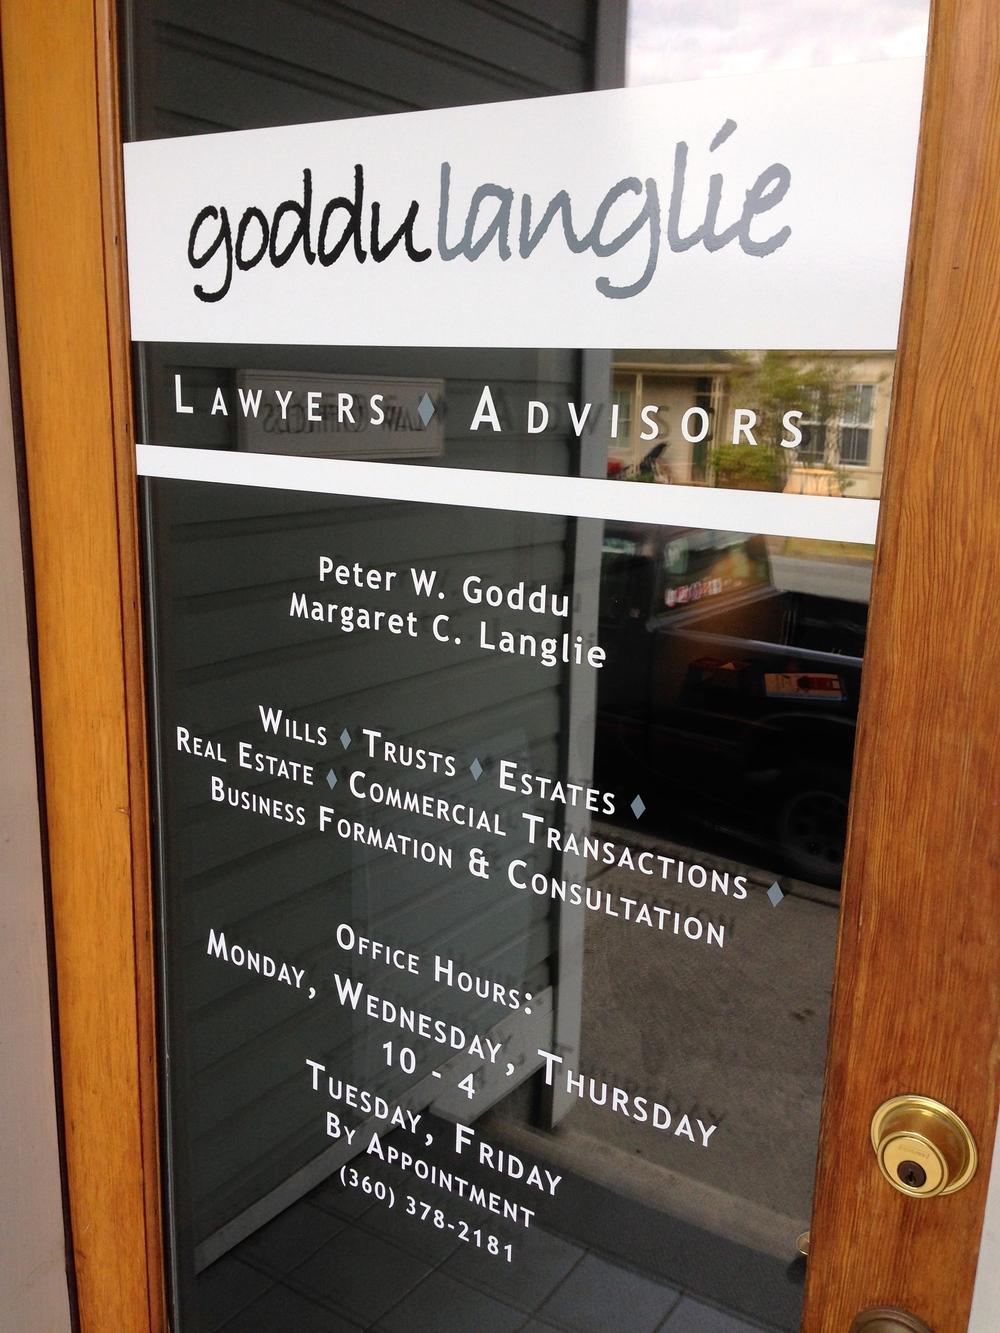 GODDULANGLIE (door sign)